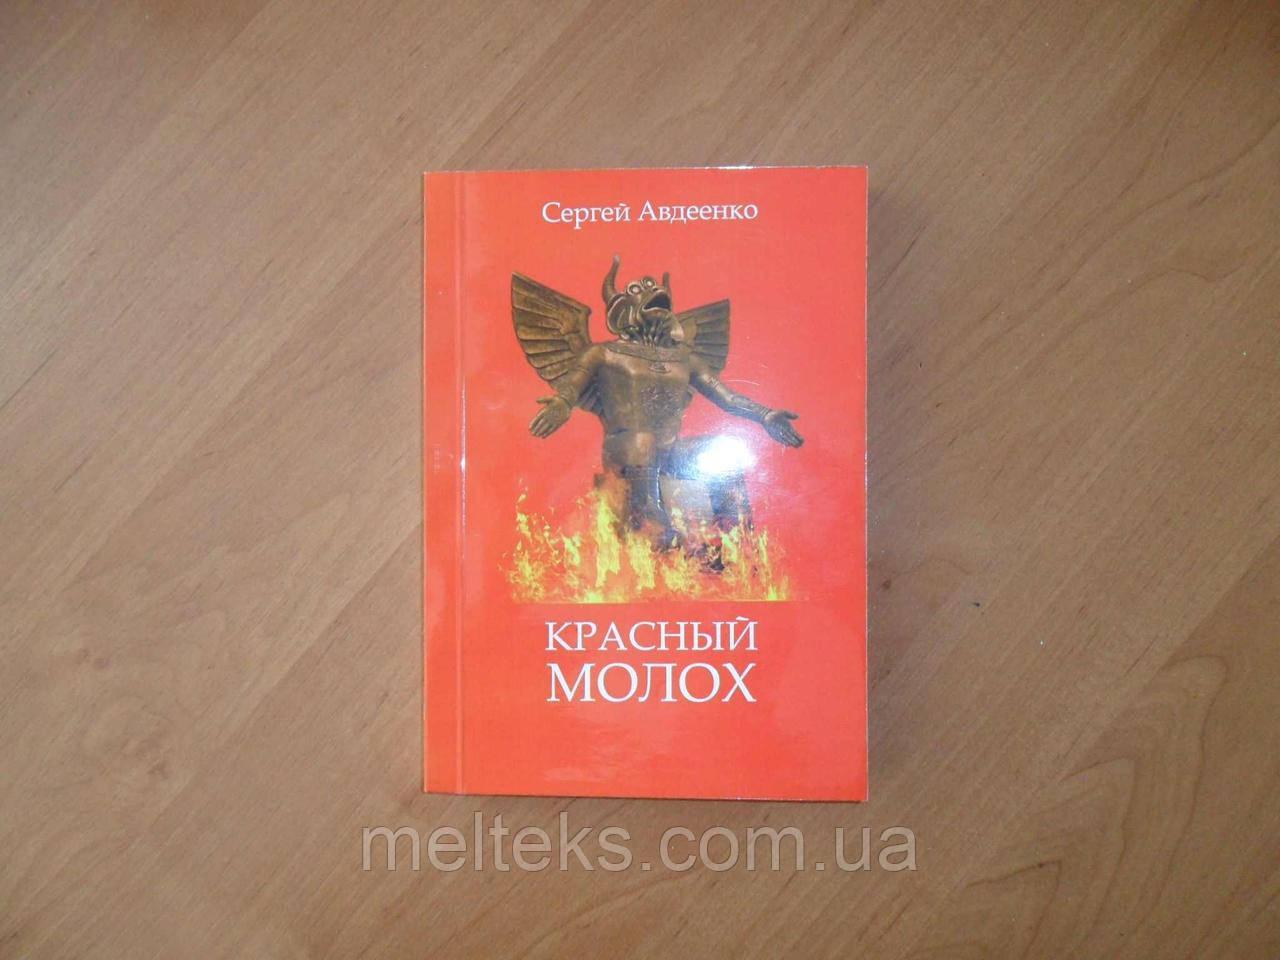 Красный молох (книга Сергея Авдеенко)